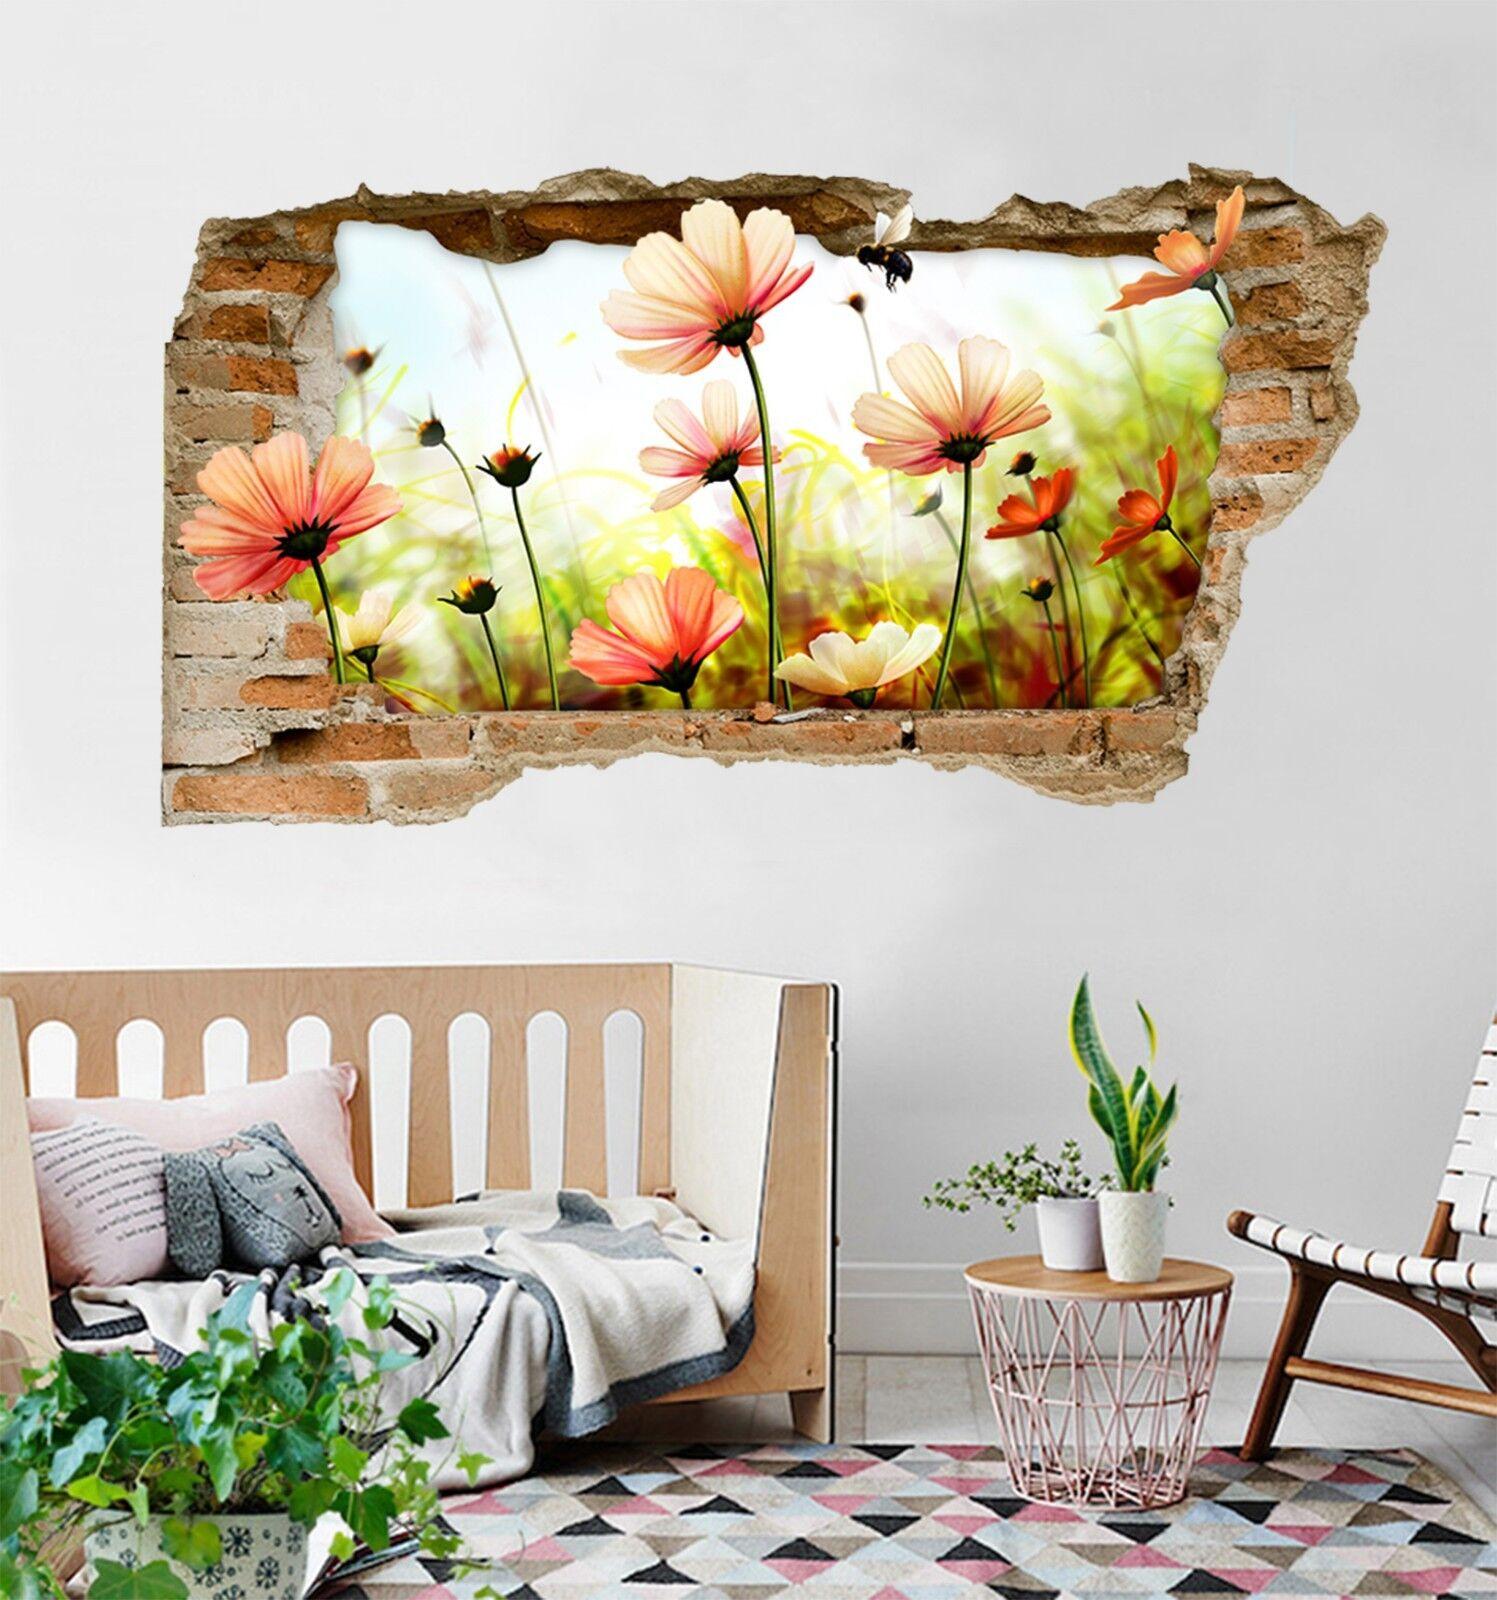 3D Blumen Biene 308 Mauer Murals Mauer Aufklebe Decal Durchbruch AJ WALLPAPER DE